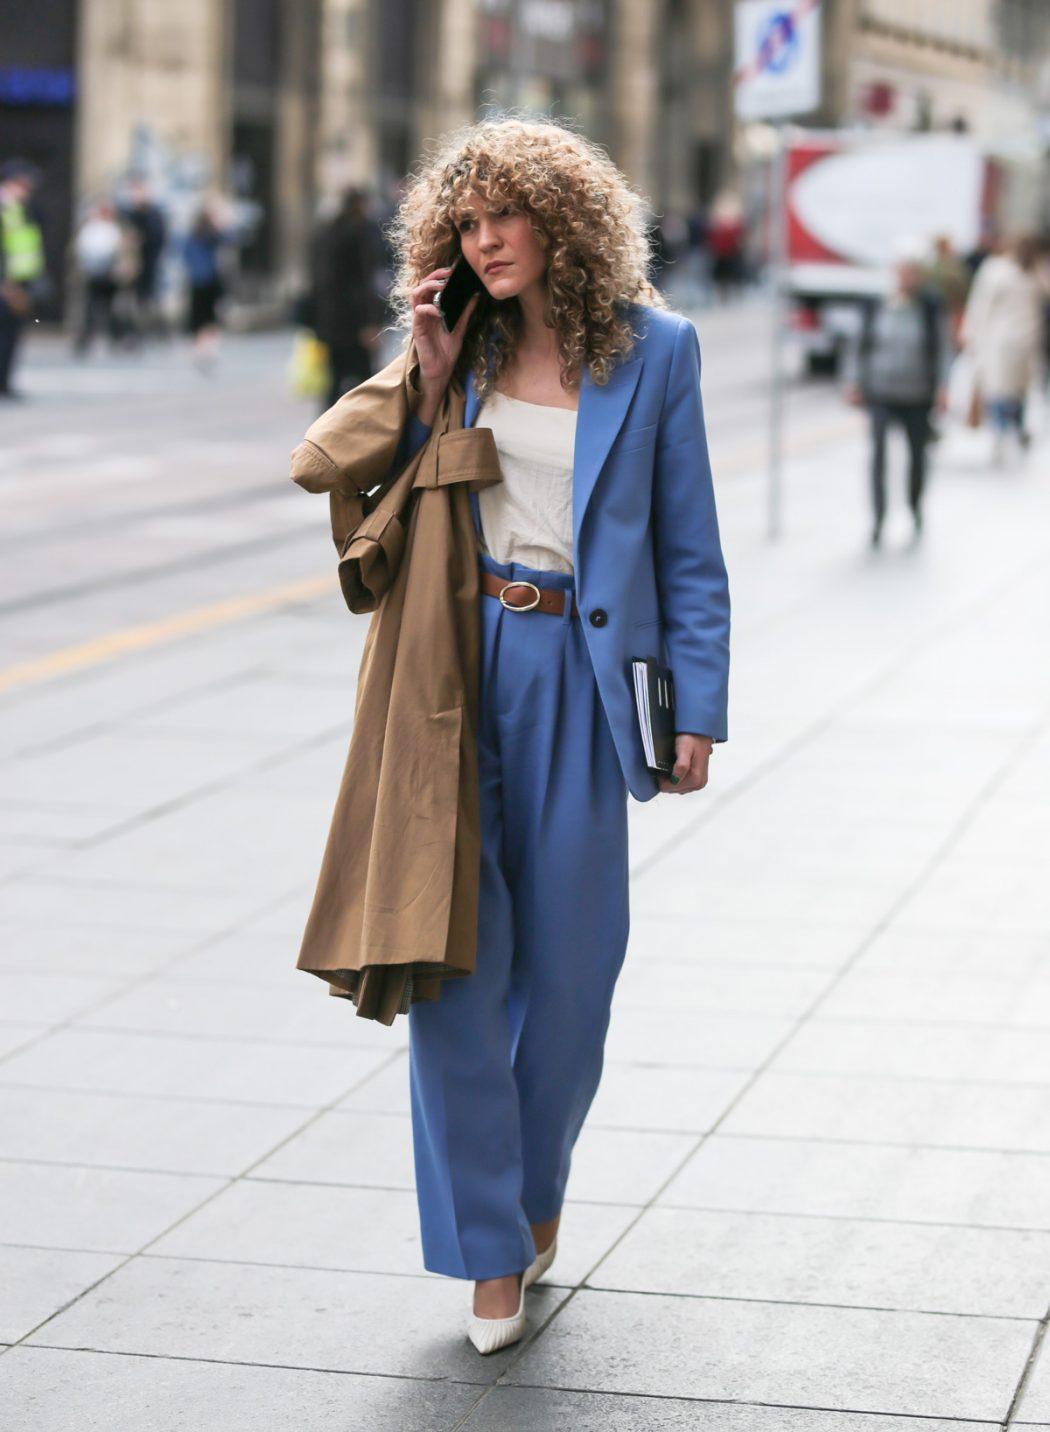 Poslovni dress code: odijela u jarkim bojama